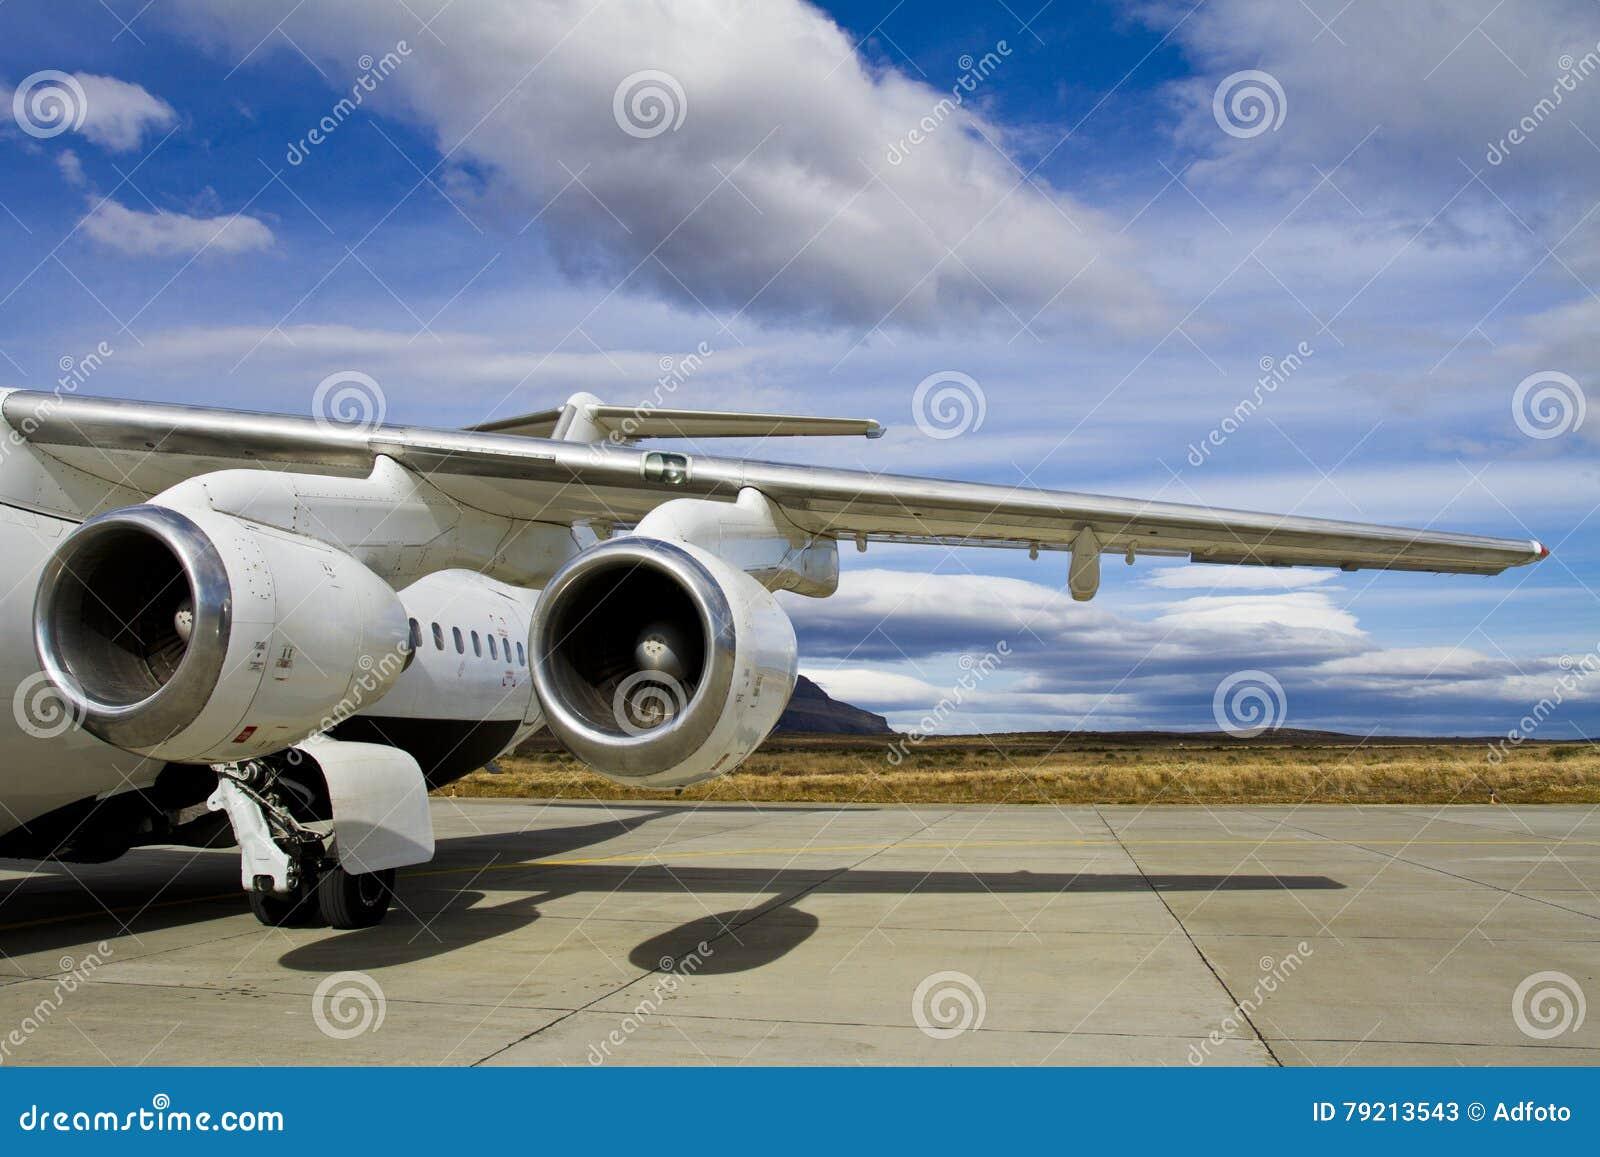 Wing Aeroplane